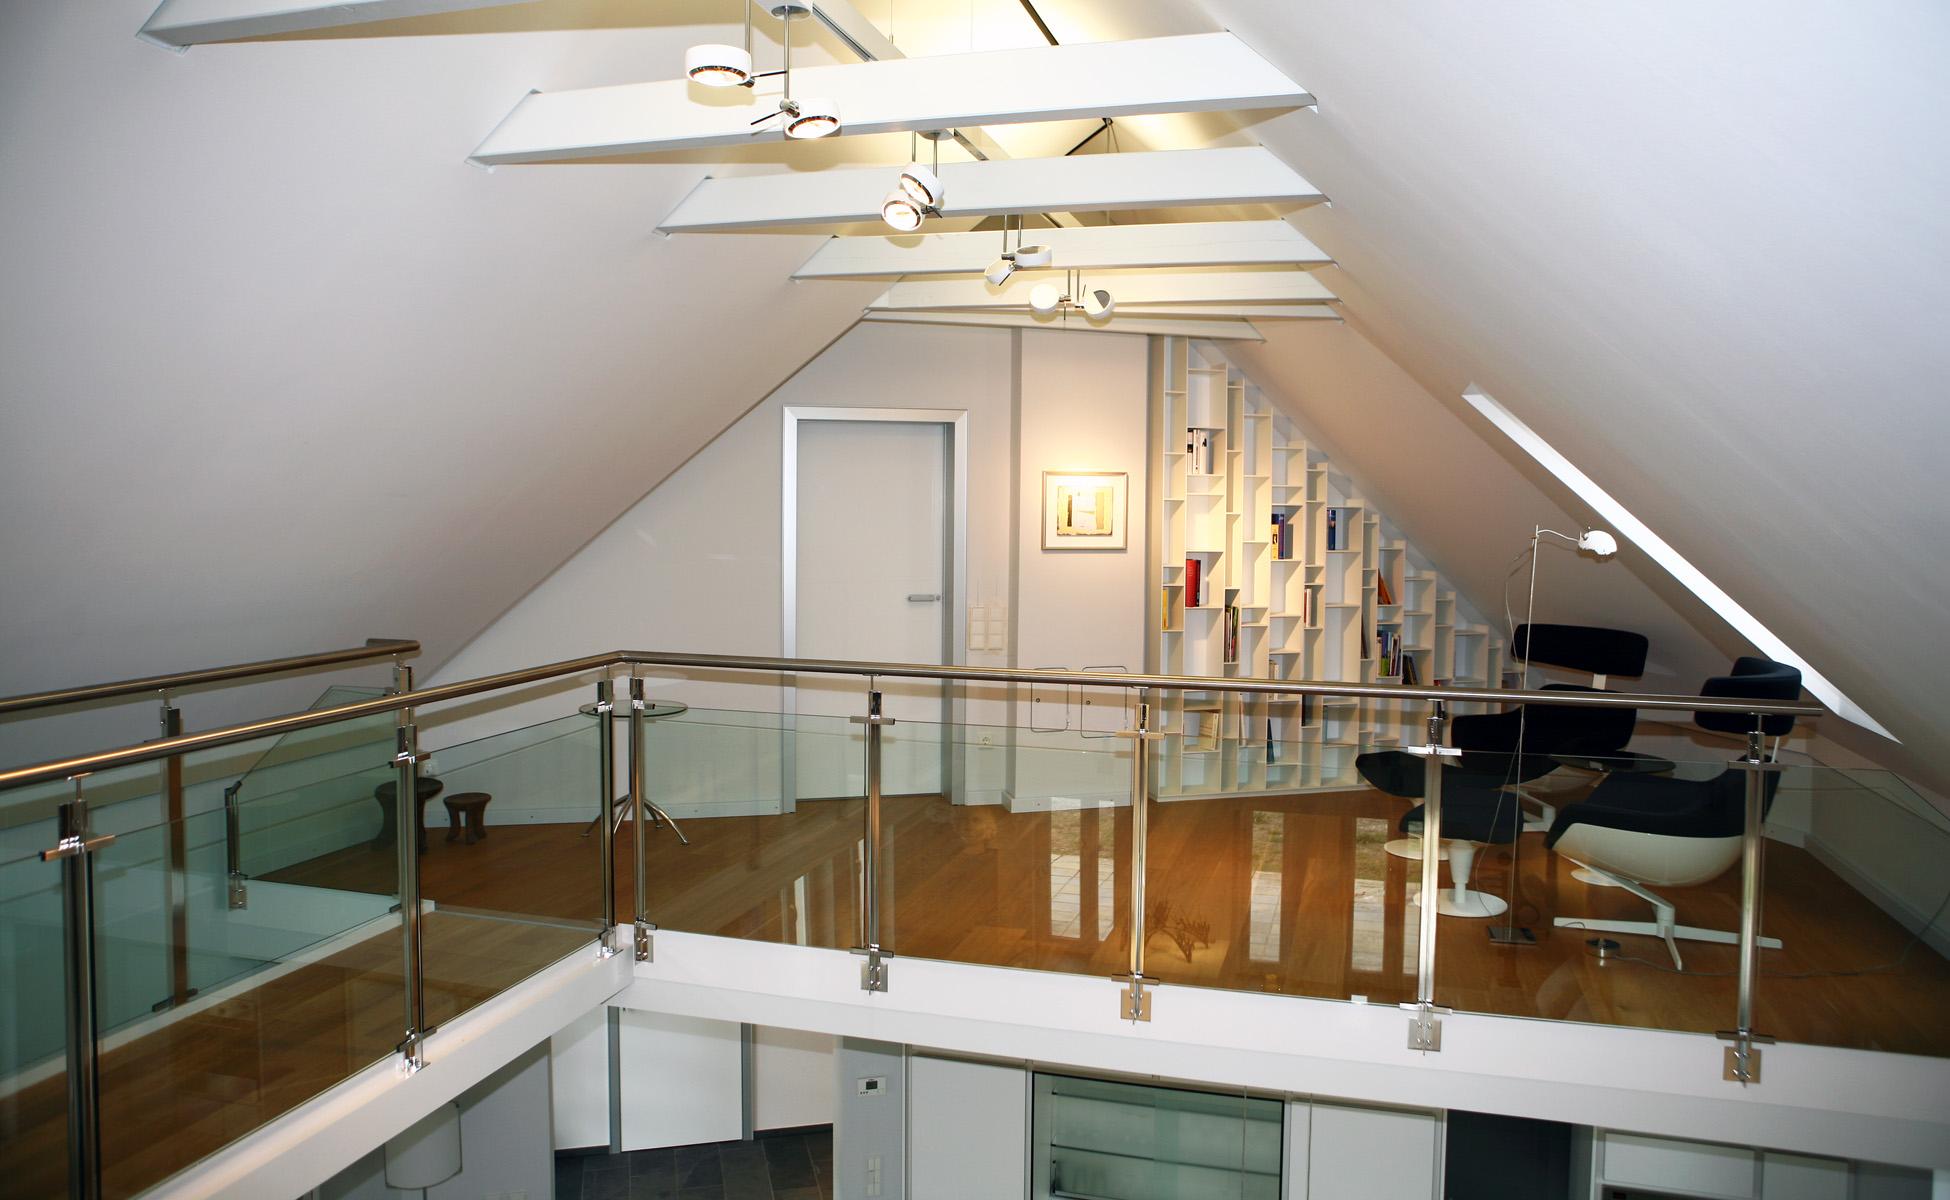 Innenarchitektur + Einrichtung Occhio Sento Leuchten Cassina Auckland bei steidten+ Berlin